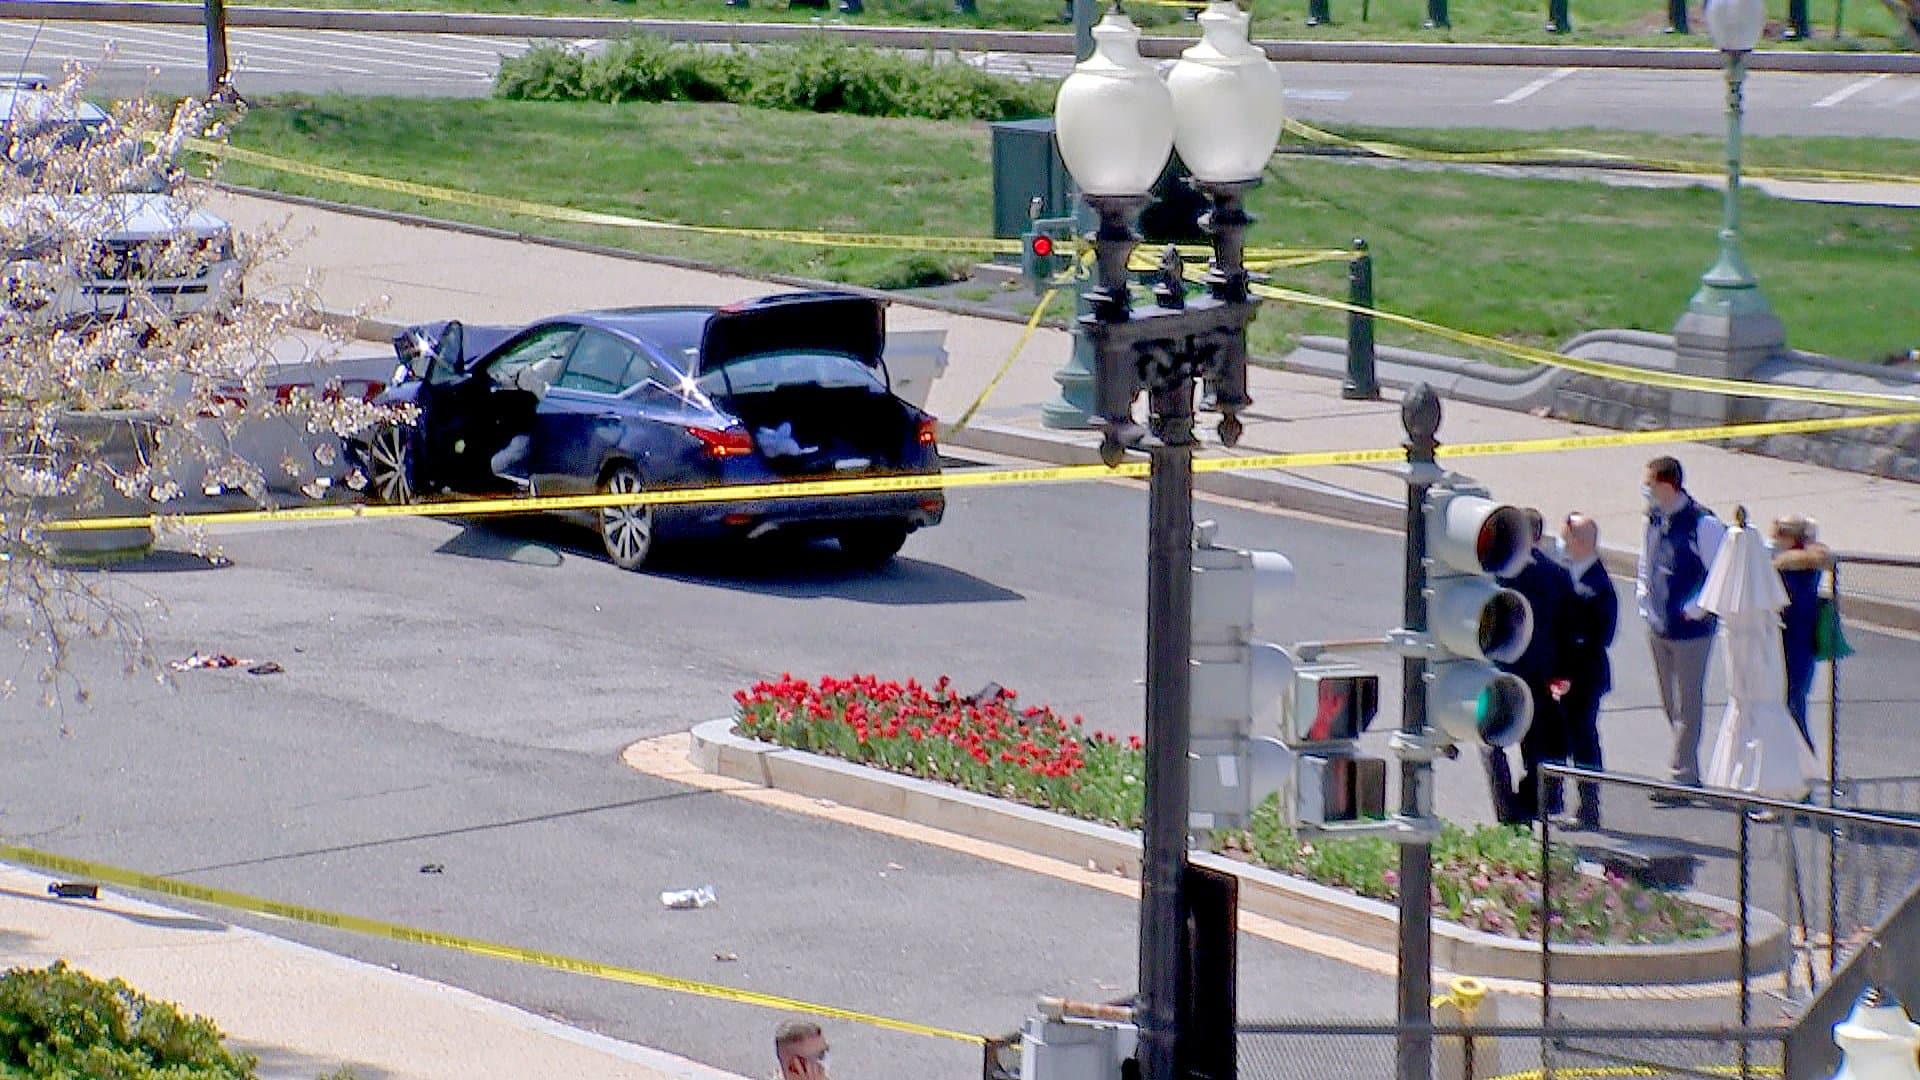 شاهد ما الذي حدث بعد محاولة سيارة اقتحام حاجز أمني في محيط الكونغرس الأمريكي؟!